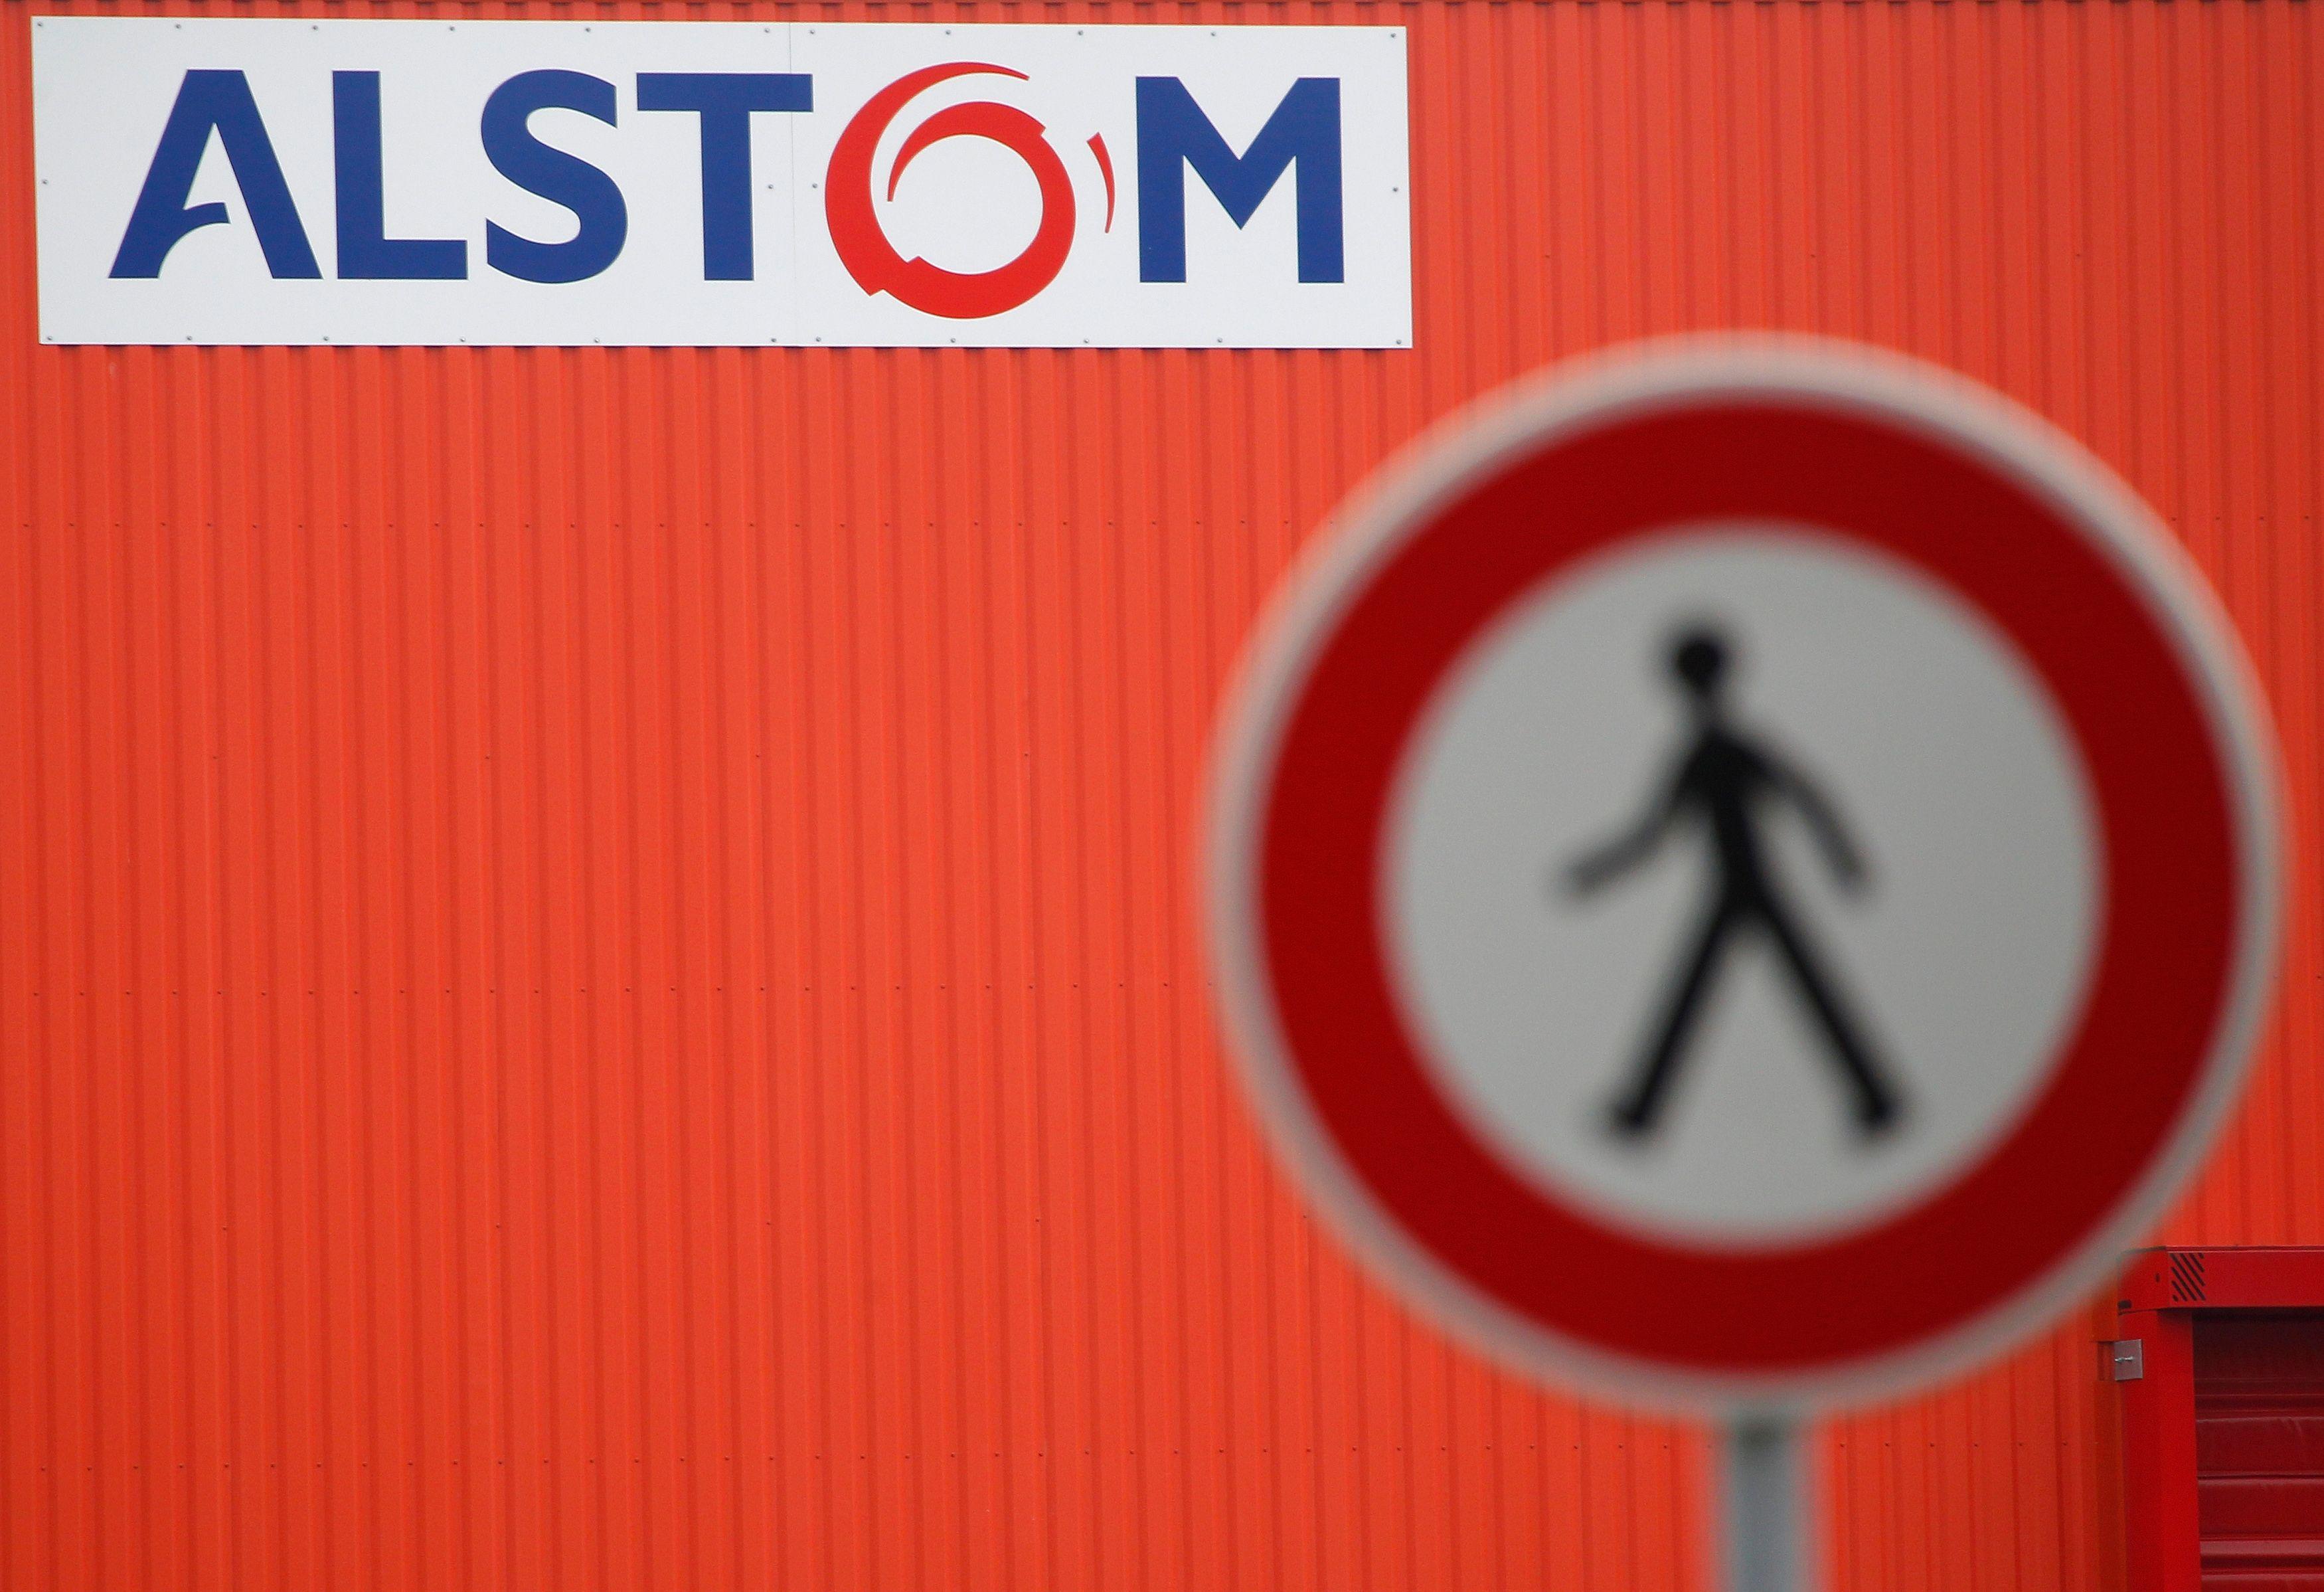 L'avenir d'Alstom se rapproche de celui de General Electric suite au nouveau conseil d'administration